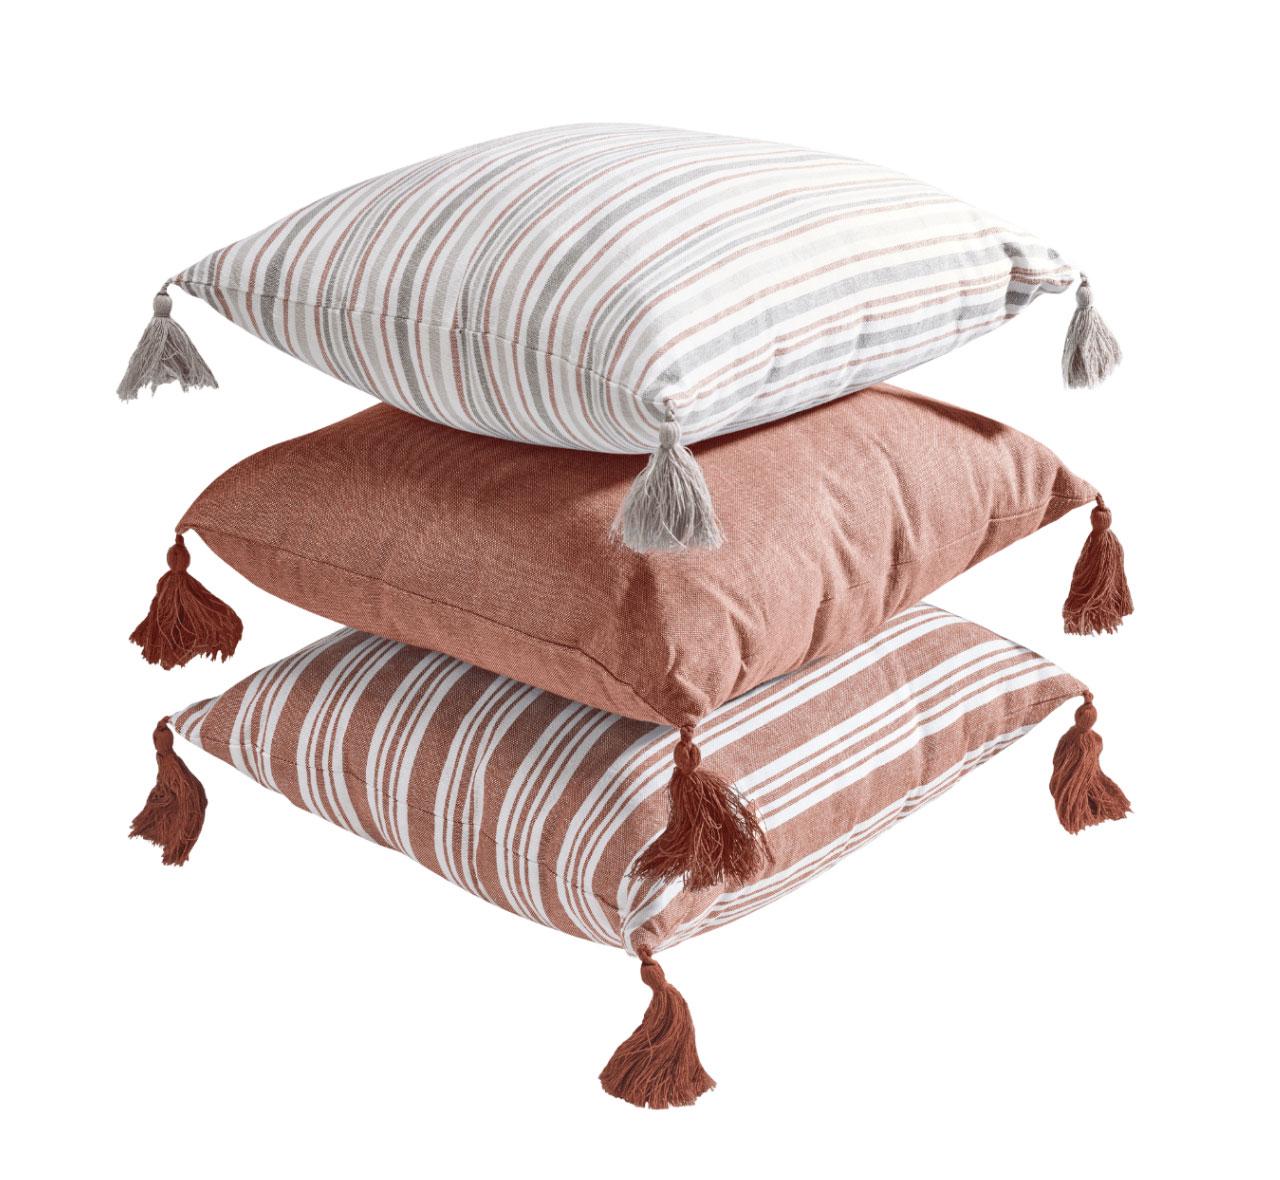 Cojín decorativo con Funda: 100% algodón orgánico. Relleno: 100% poliéster. Tamaño: 40 x 40 cm. Desenfundable con cremallera y disponible en seis diferentes diseños.